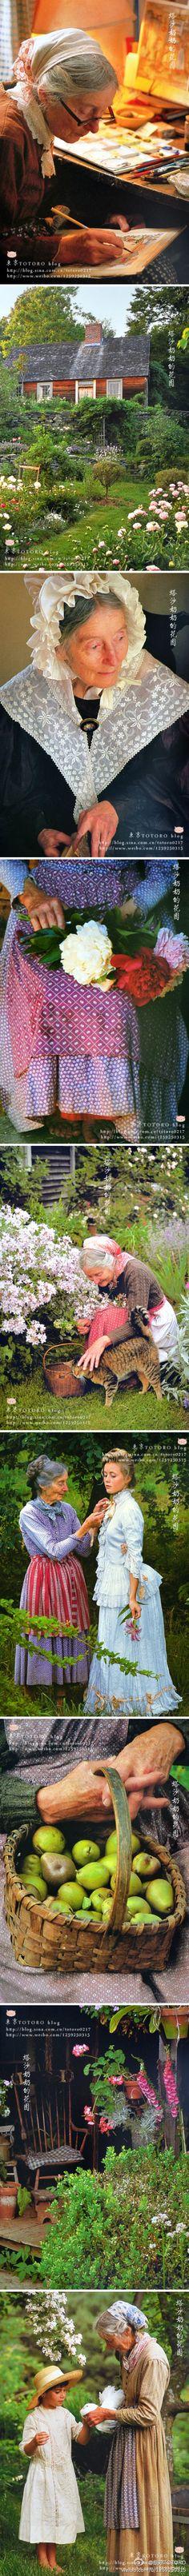 """塔沙奶奶的花园。[ I don't know what language this is but I went to google translator & it translates to """"Garden Tasha Grandmother"""". I think that's so lovely. It's a nice webpages about the illustrator Tasha Tudor who is, sort of, the American Beatrix Potter. ]"""